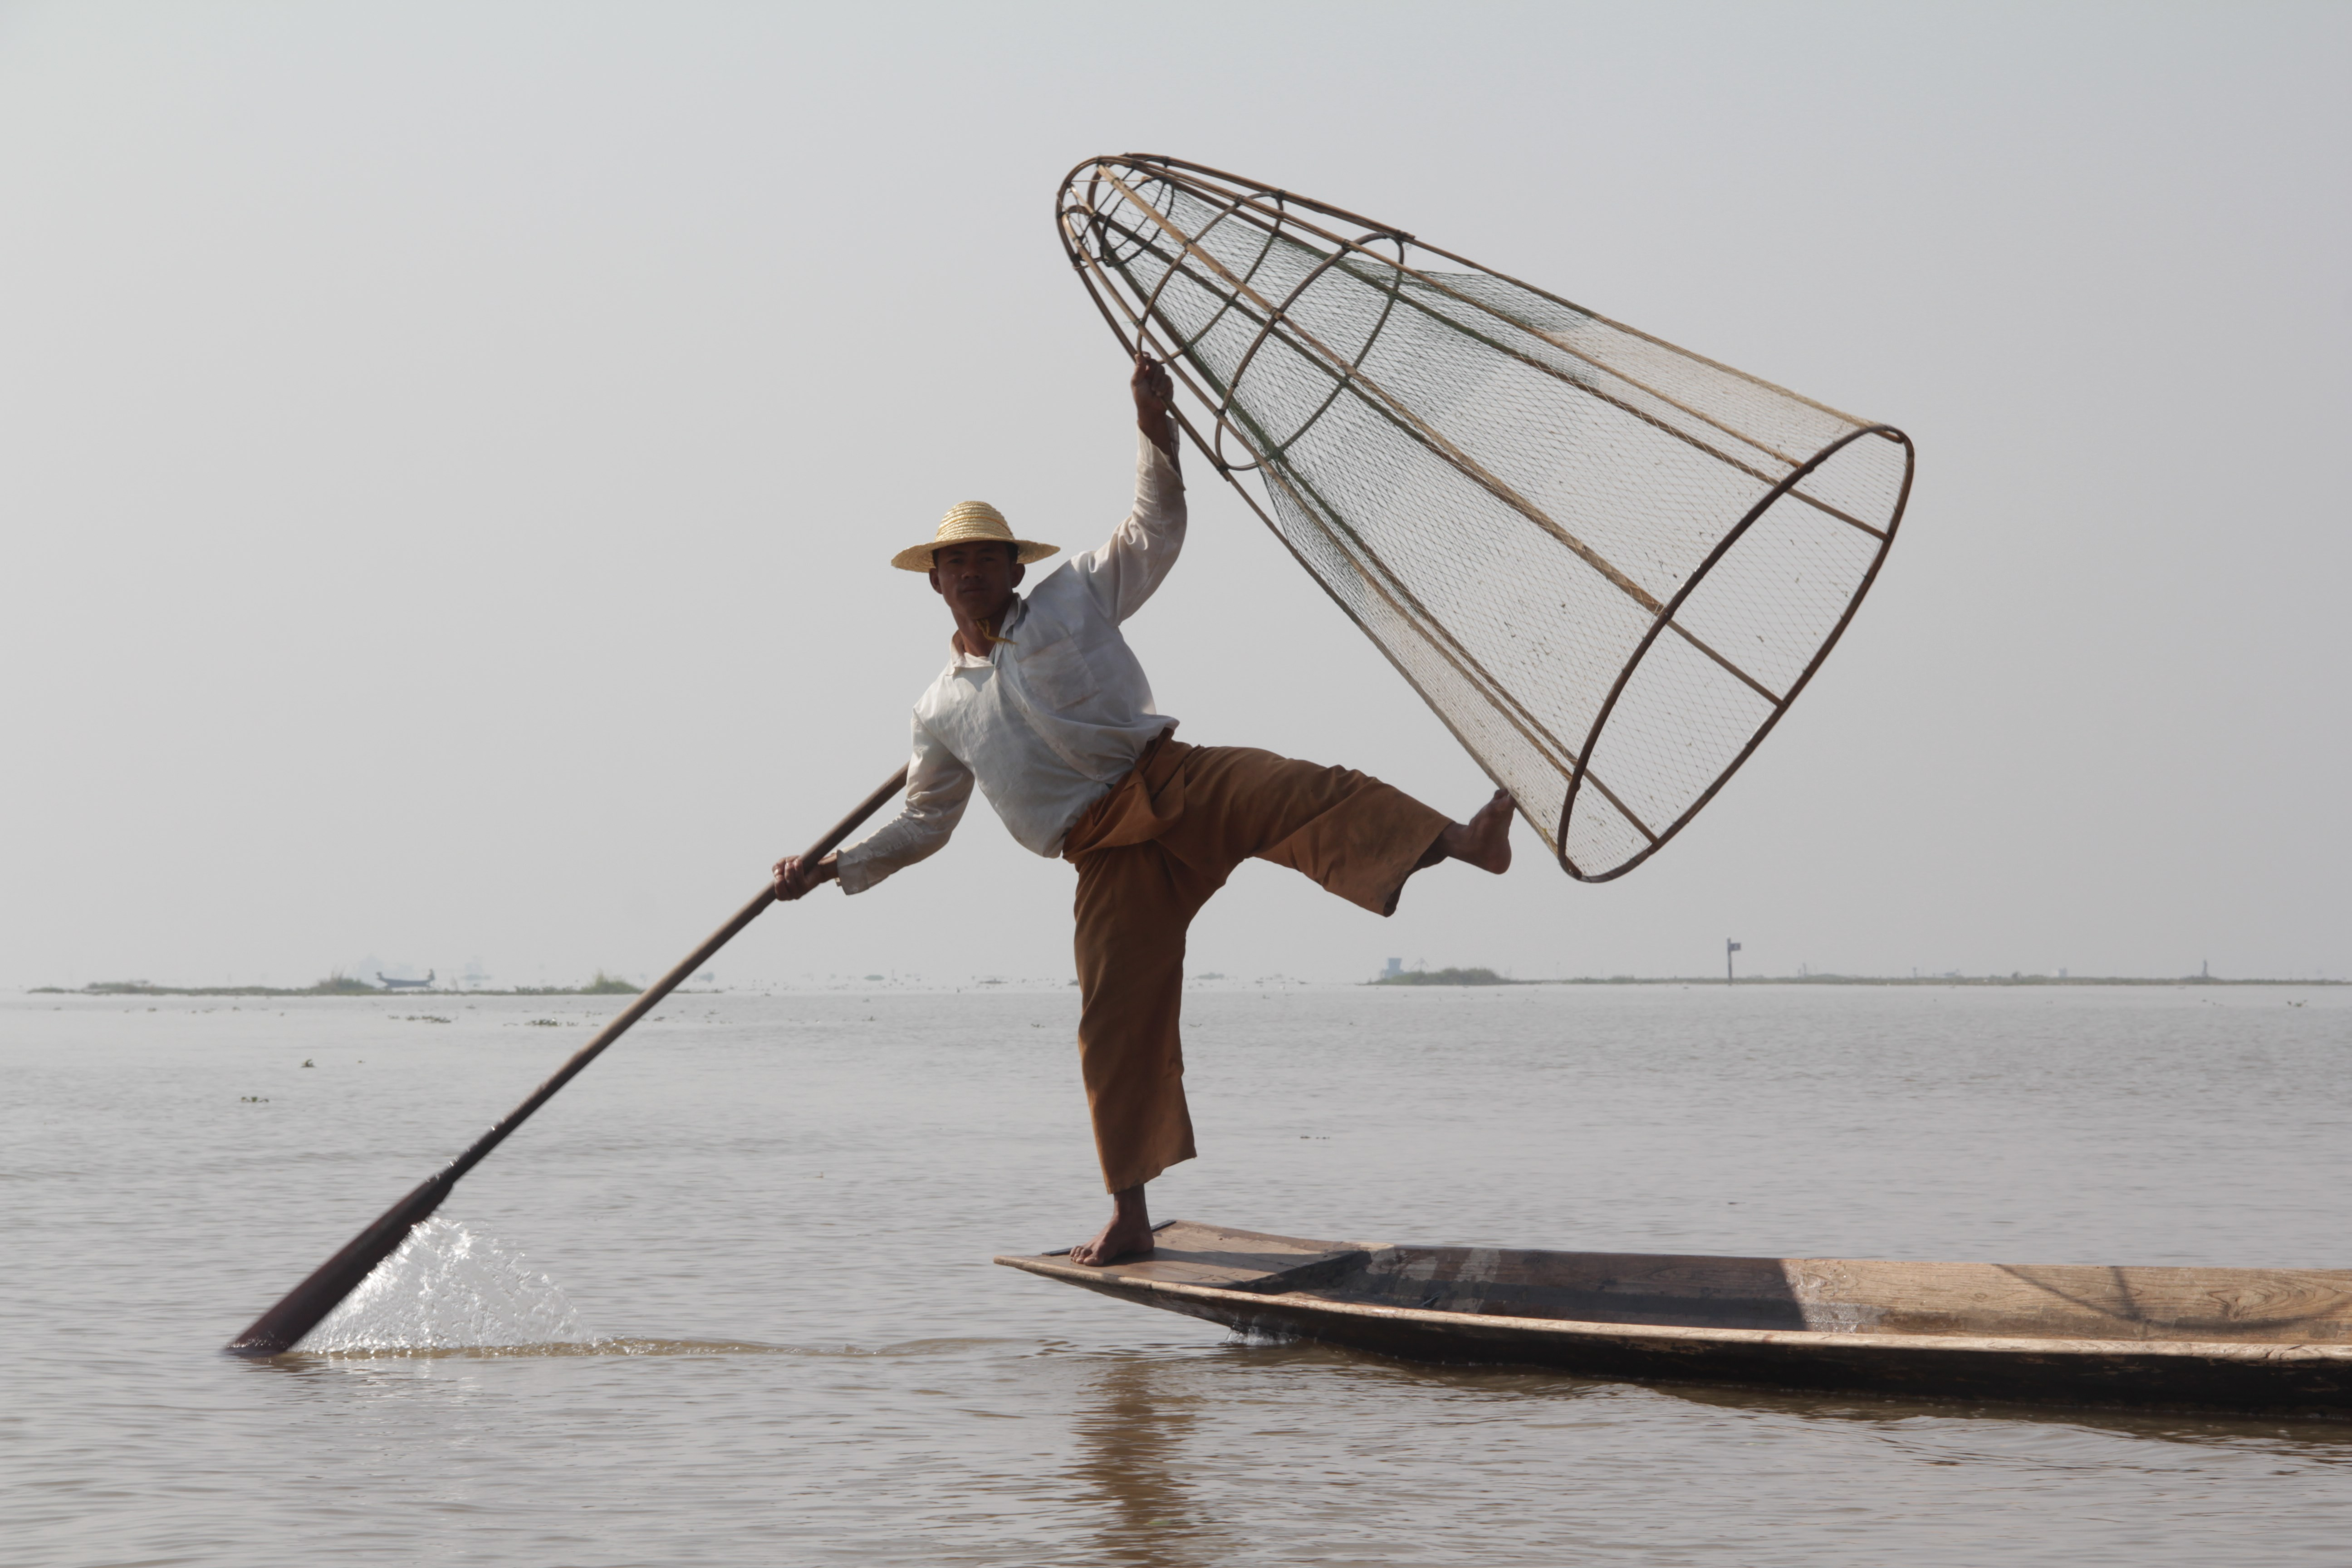 Pagaie au pied pour se diriger et filet à la main, les pêcheurs du lac Inle ont une allure de danseurs professionnels (© Jérôme Decoster).